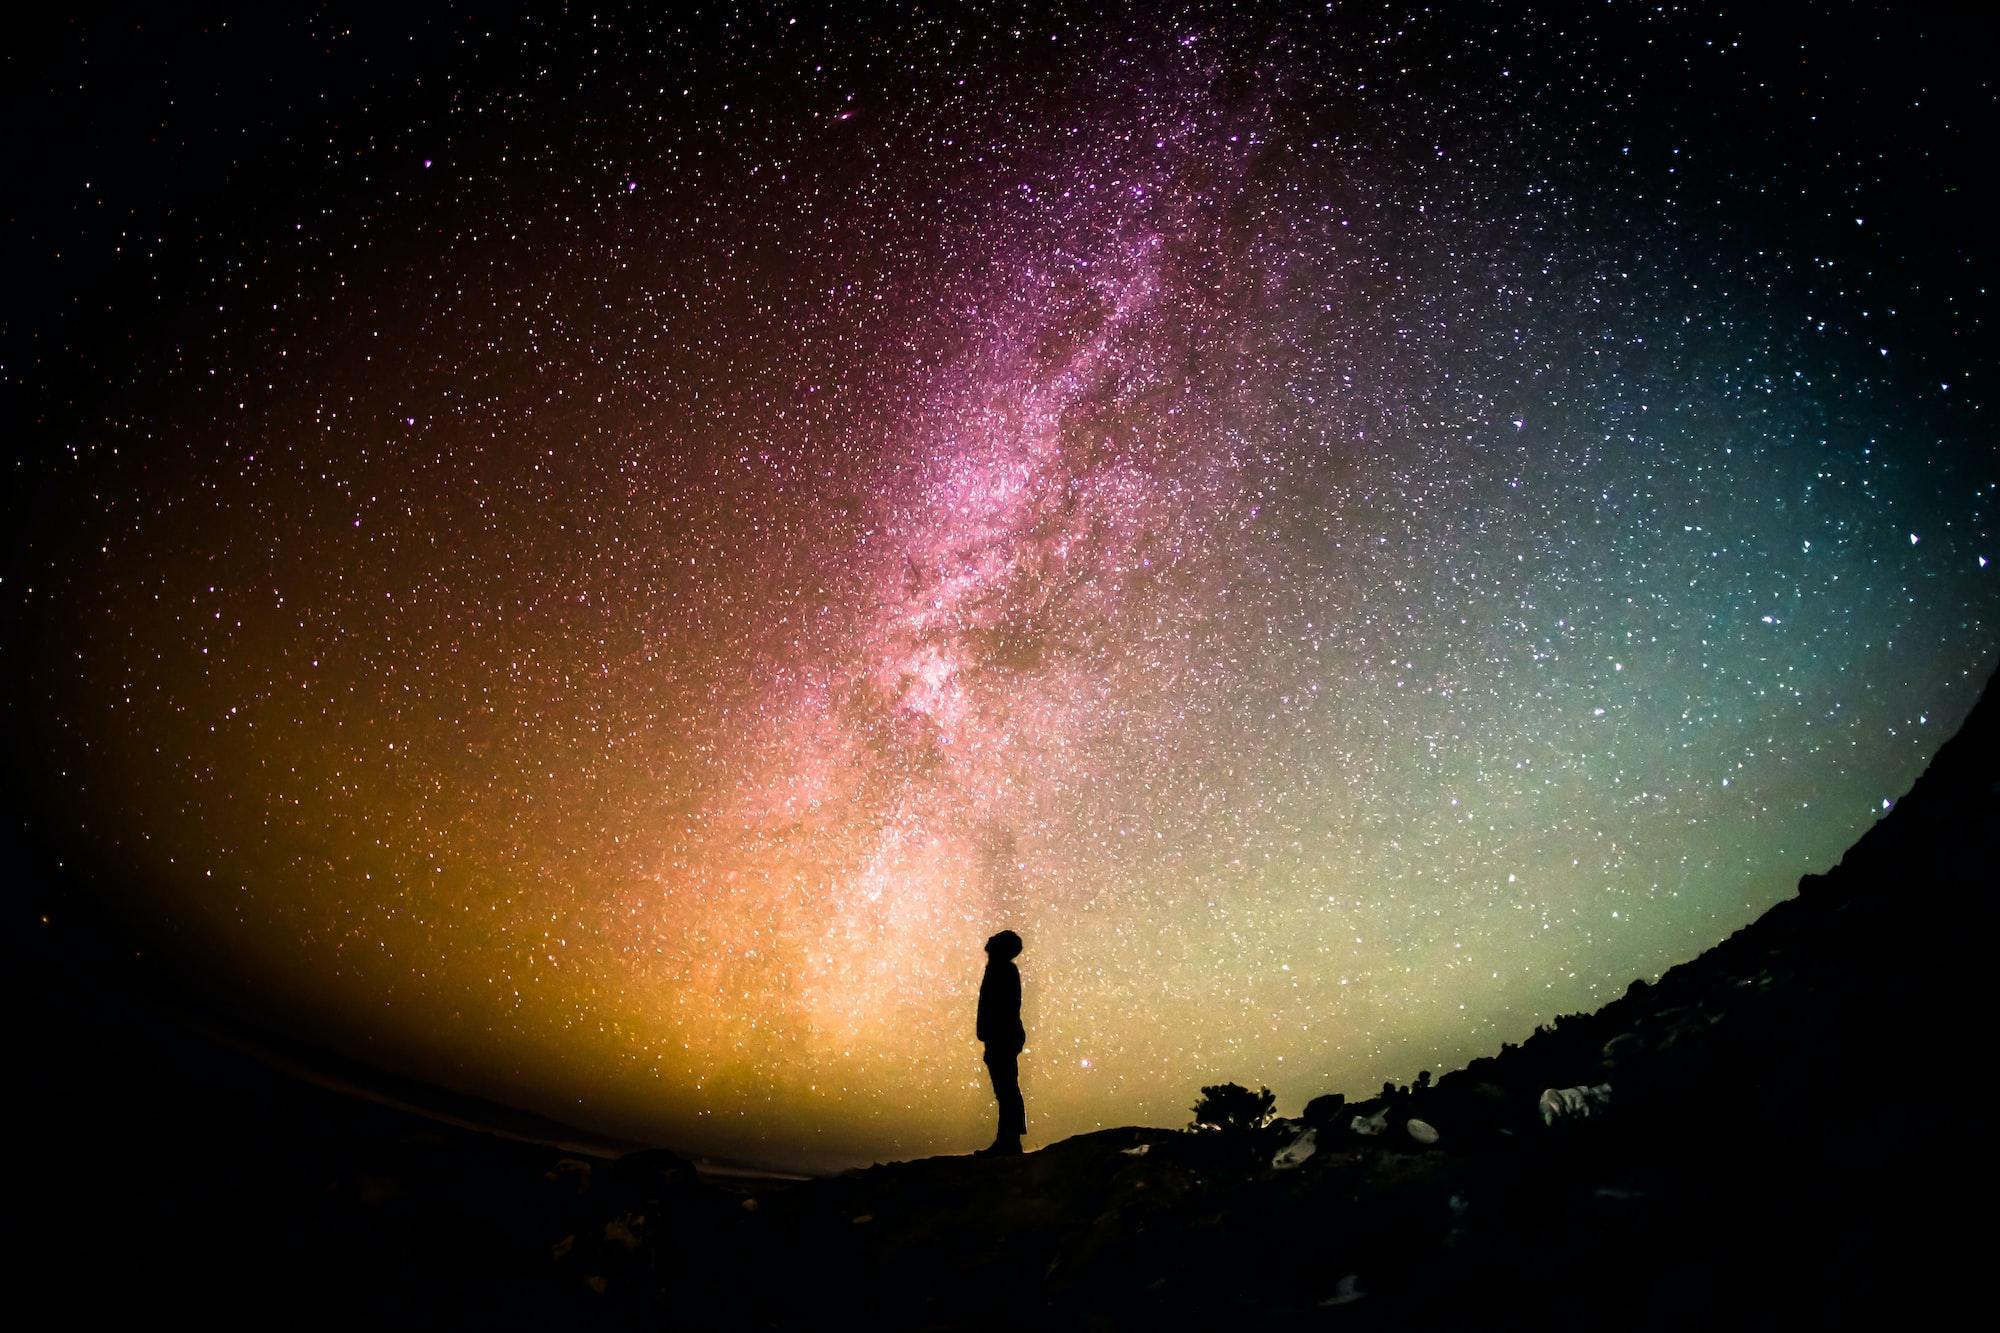 Vertellen de sterren echt wie je bent?